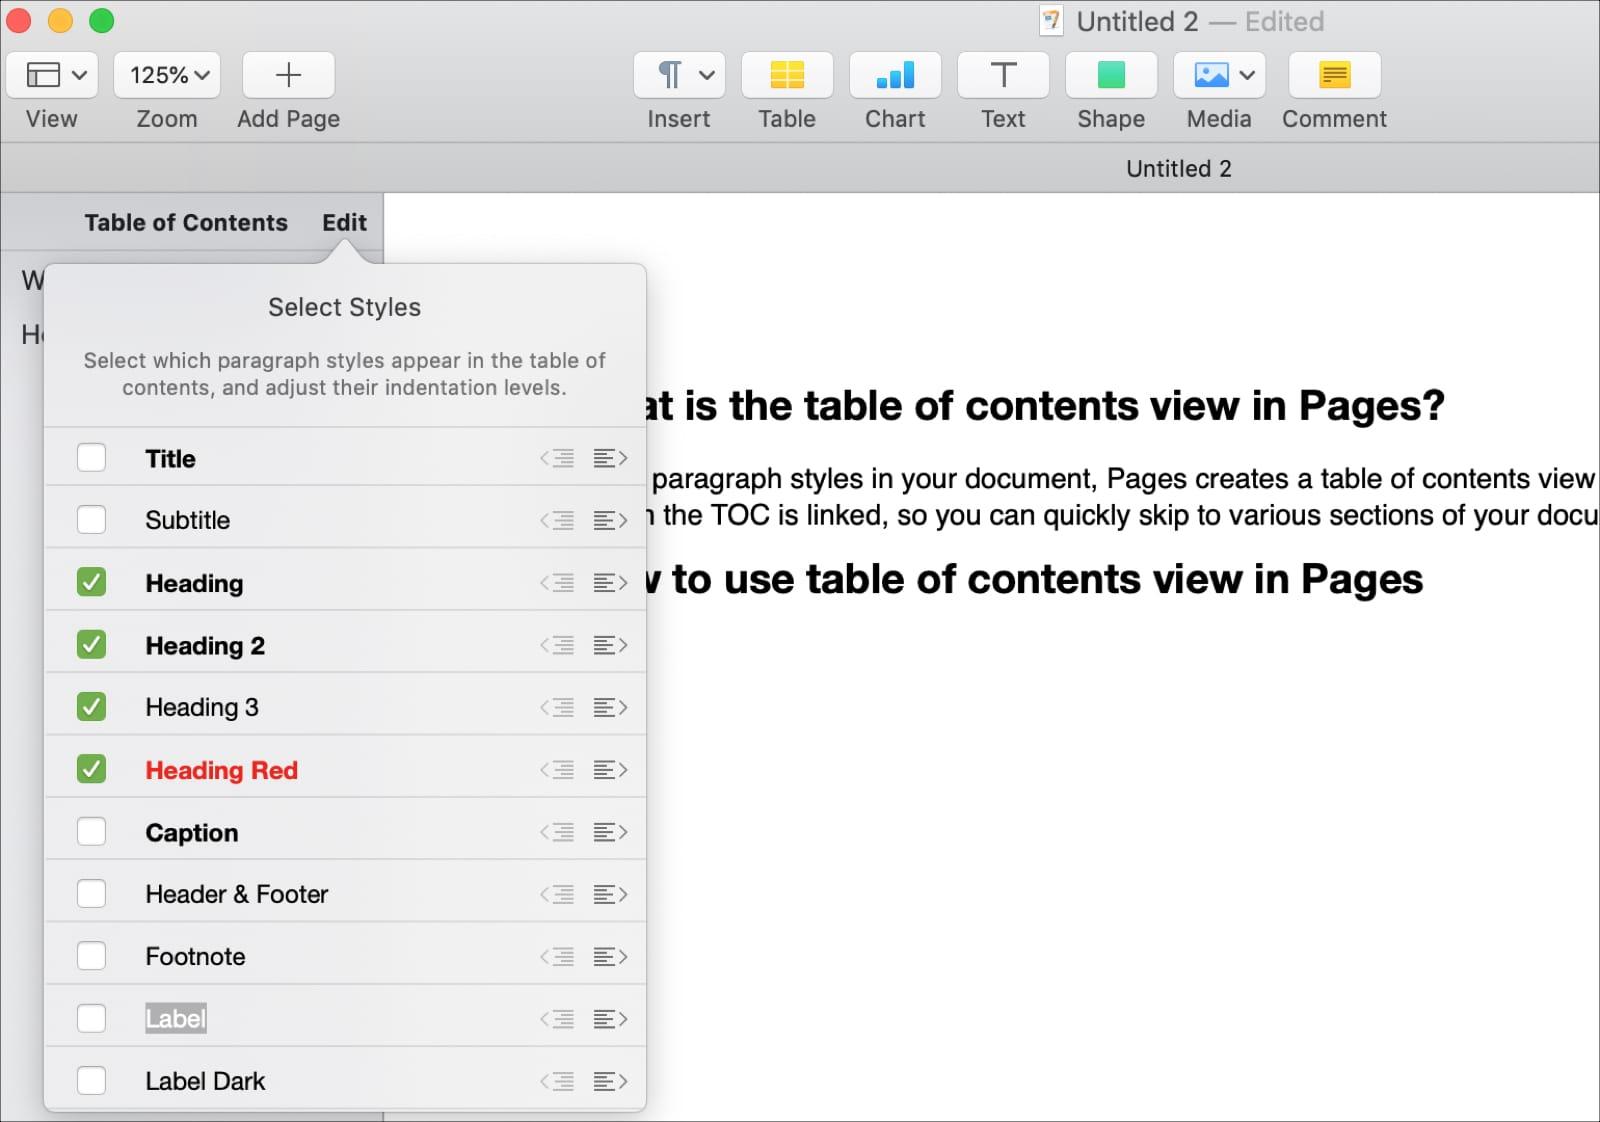 Cambiar estilos de párrafo en la tabla de contenido en páginas